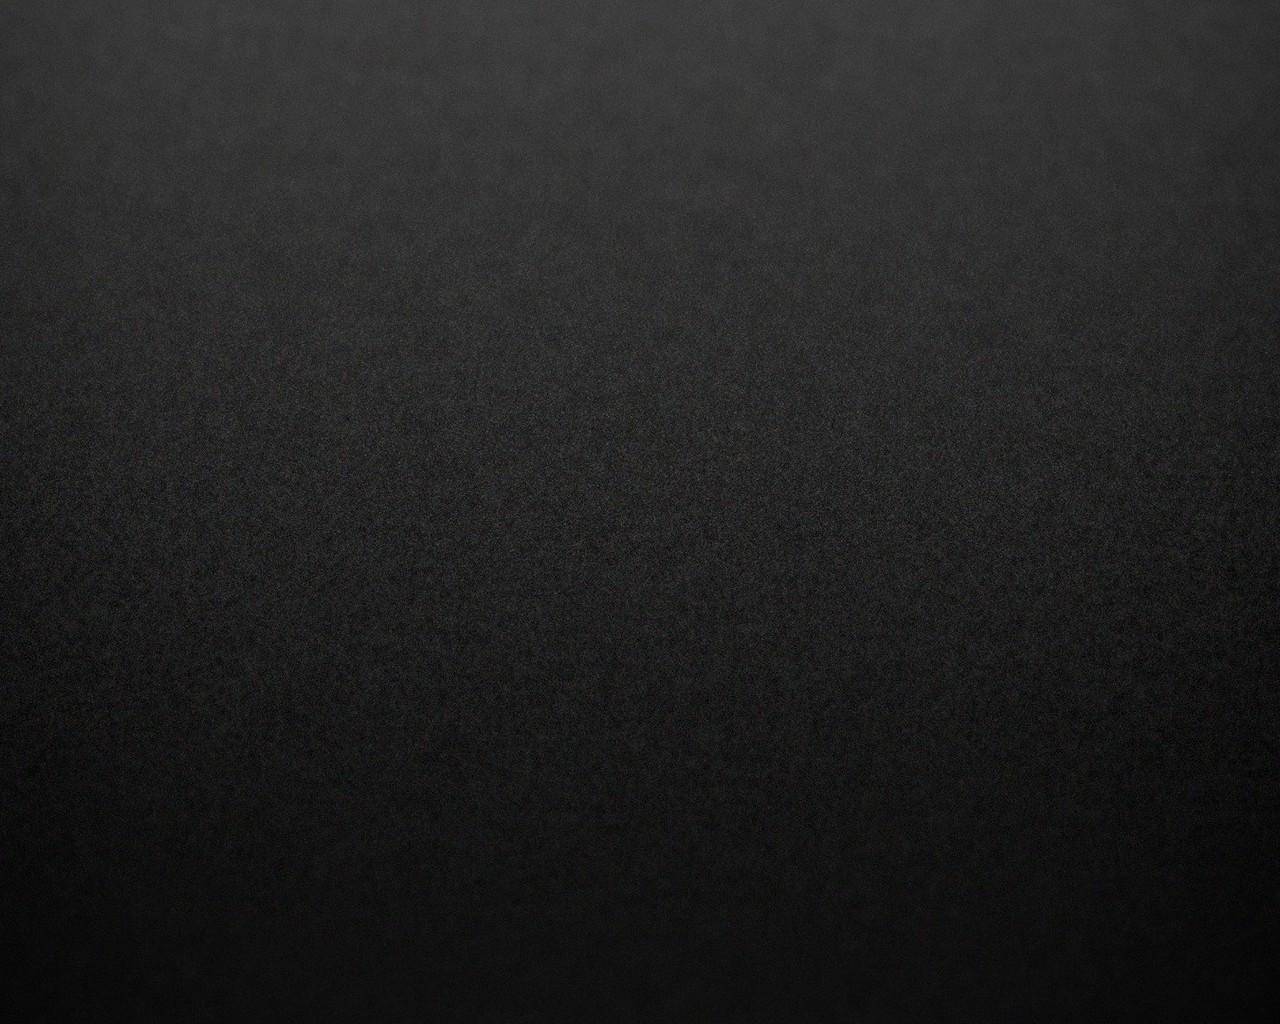 Android 用の ブラックプロ暗い壁紙の背景 Apk をダウンロード